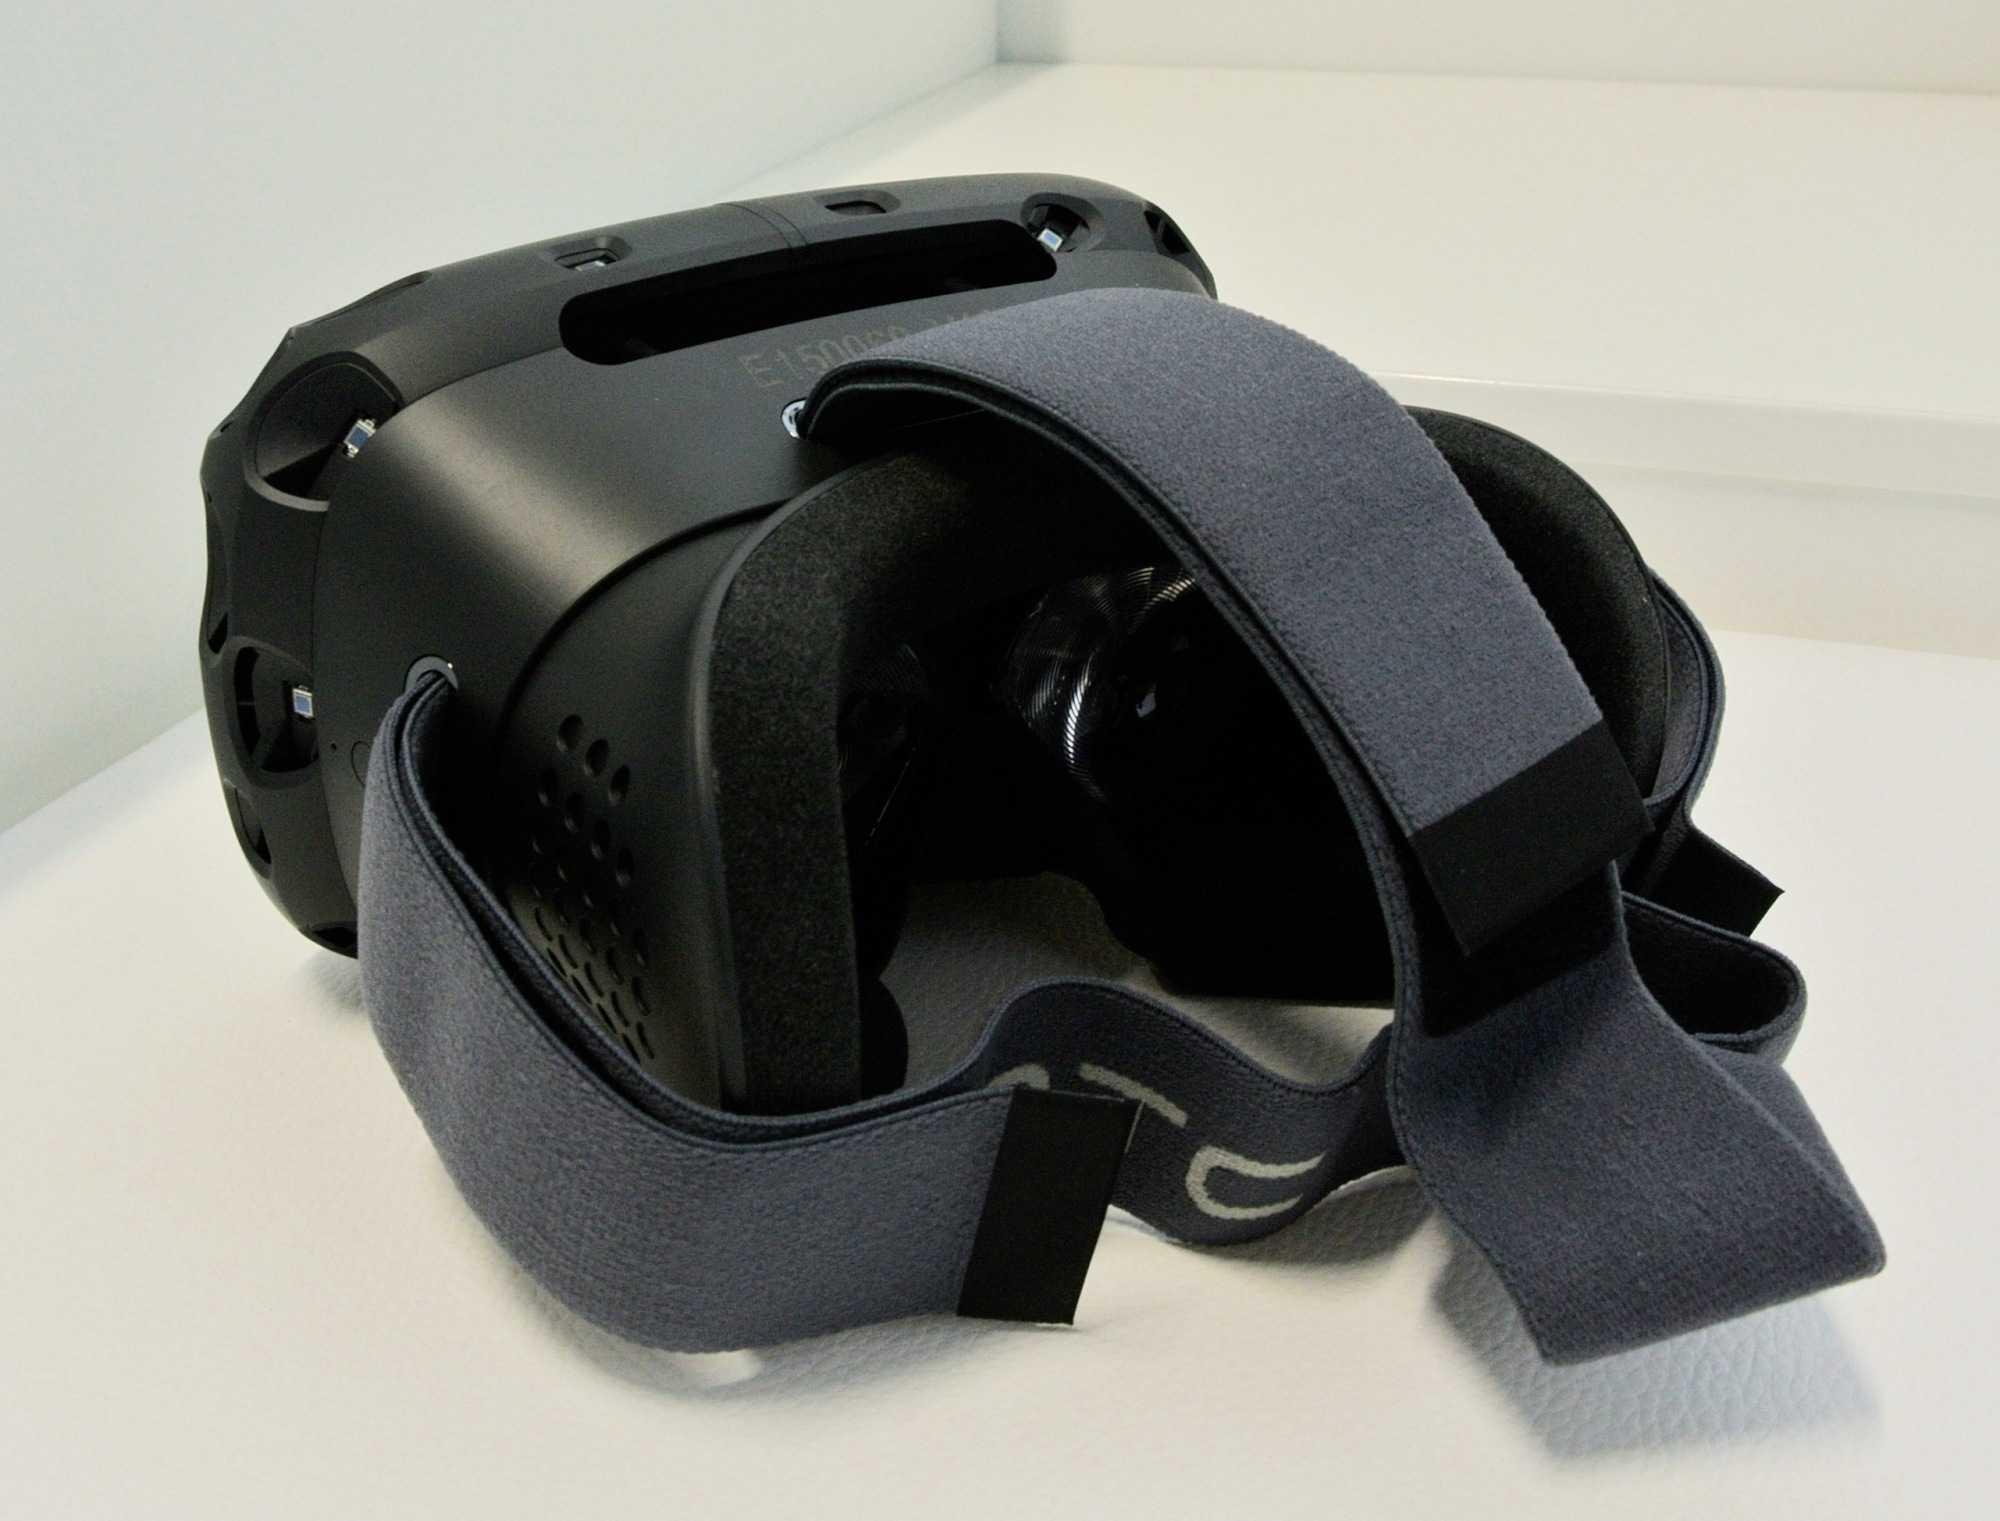 Die aktuelle Vive-Brille ähnelt den Developer Versionen der Oculus Rift. Obwohl der Verkauf noch in diesem Jahr beginnen soll, will HTC noch Kopfhörer einbauen.